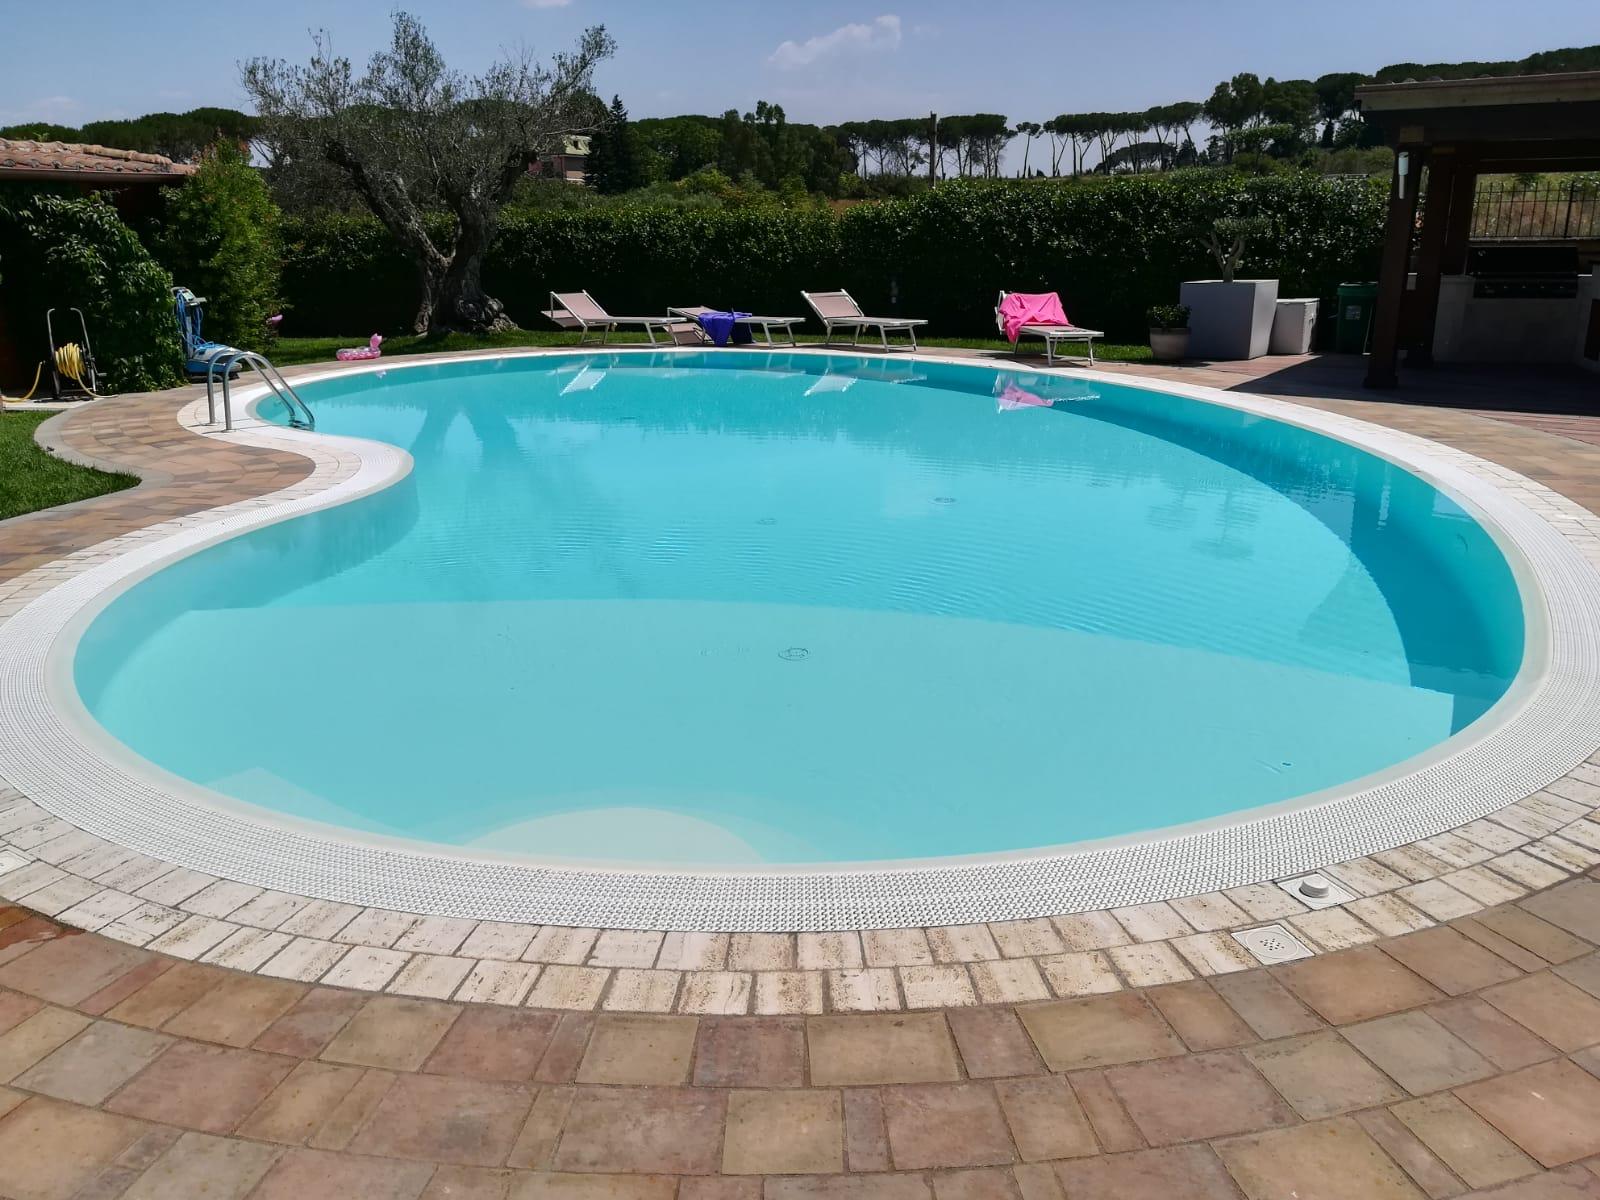 piscina a sfioro totale